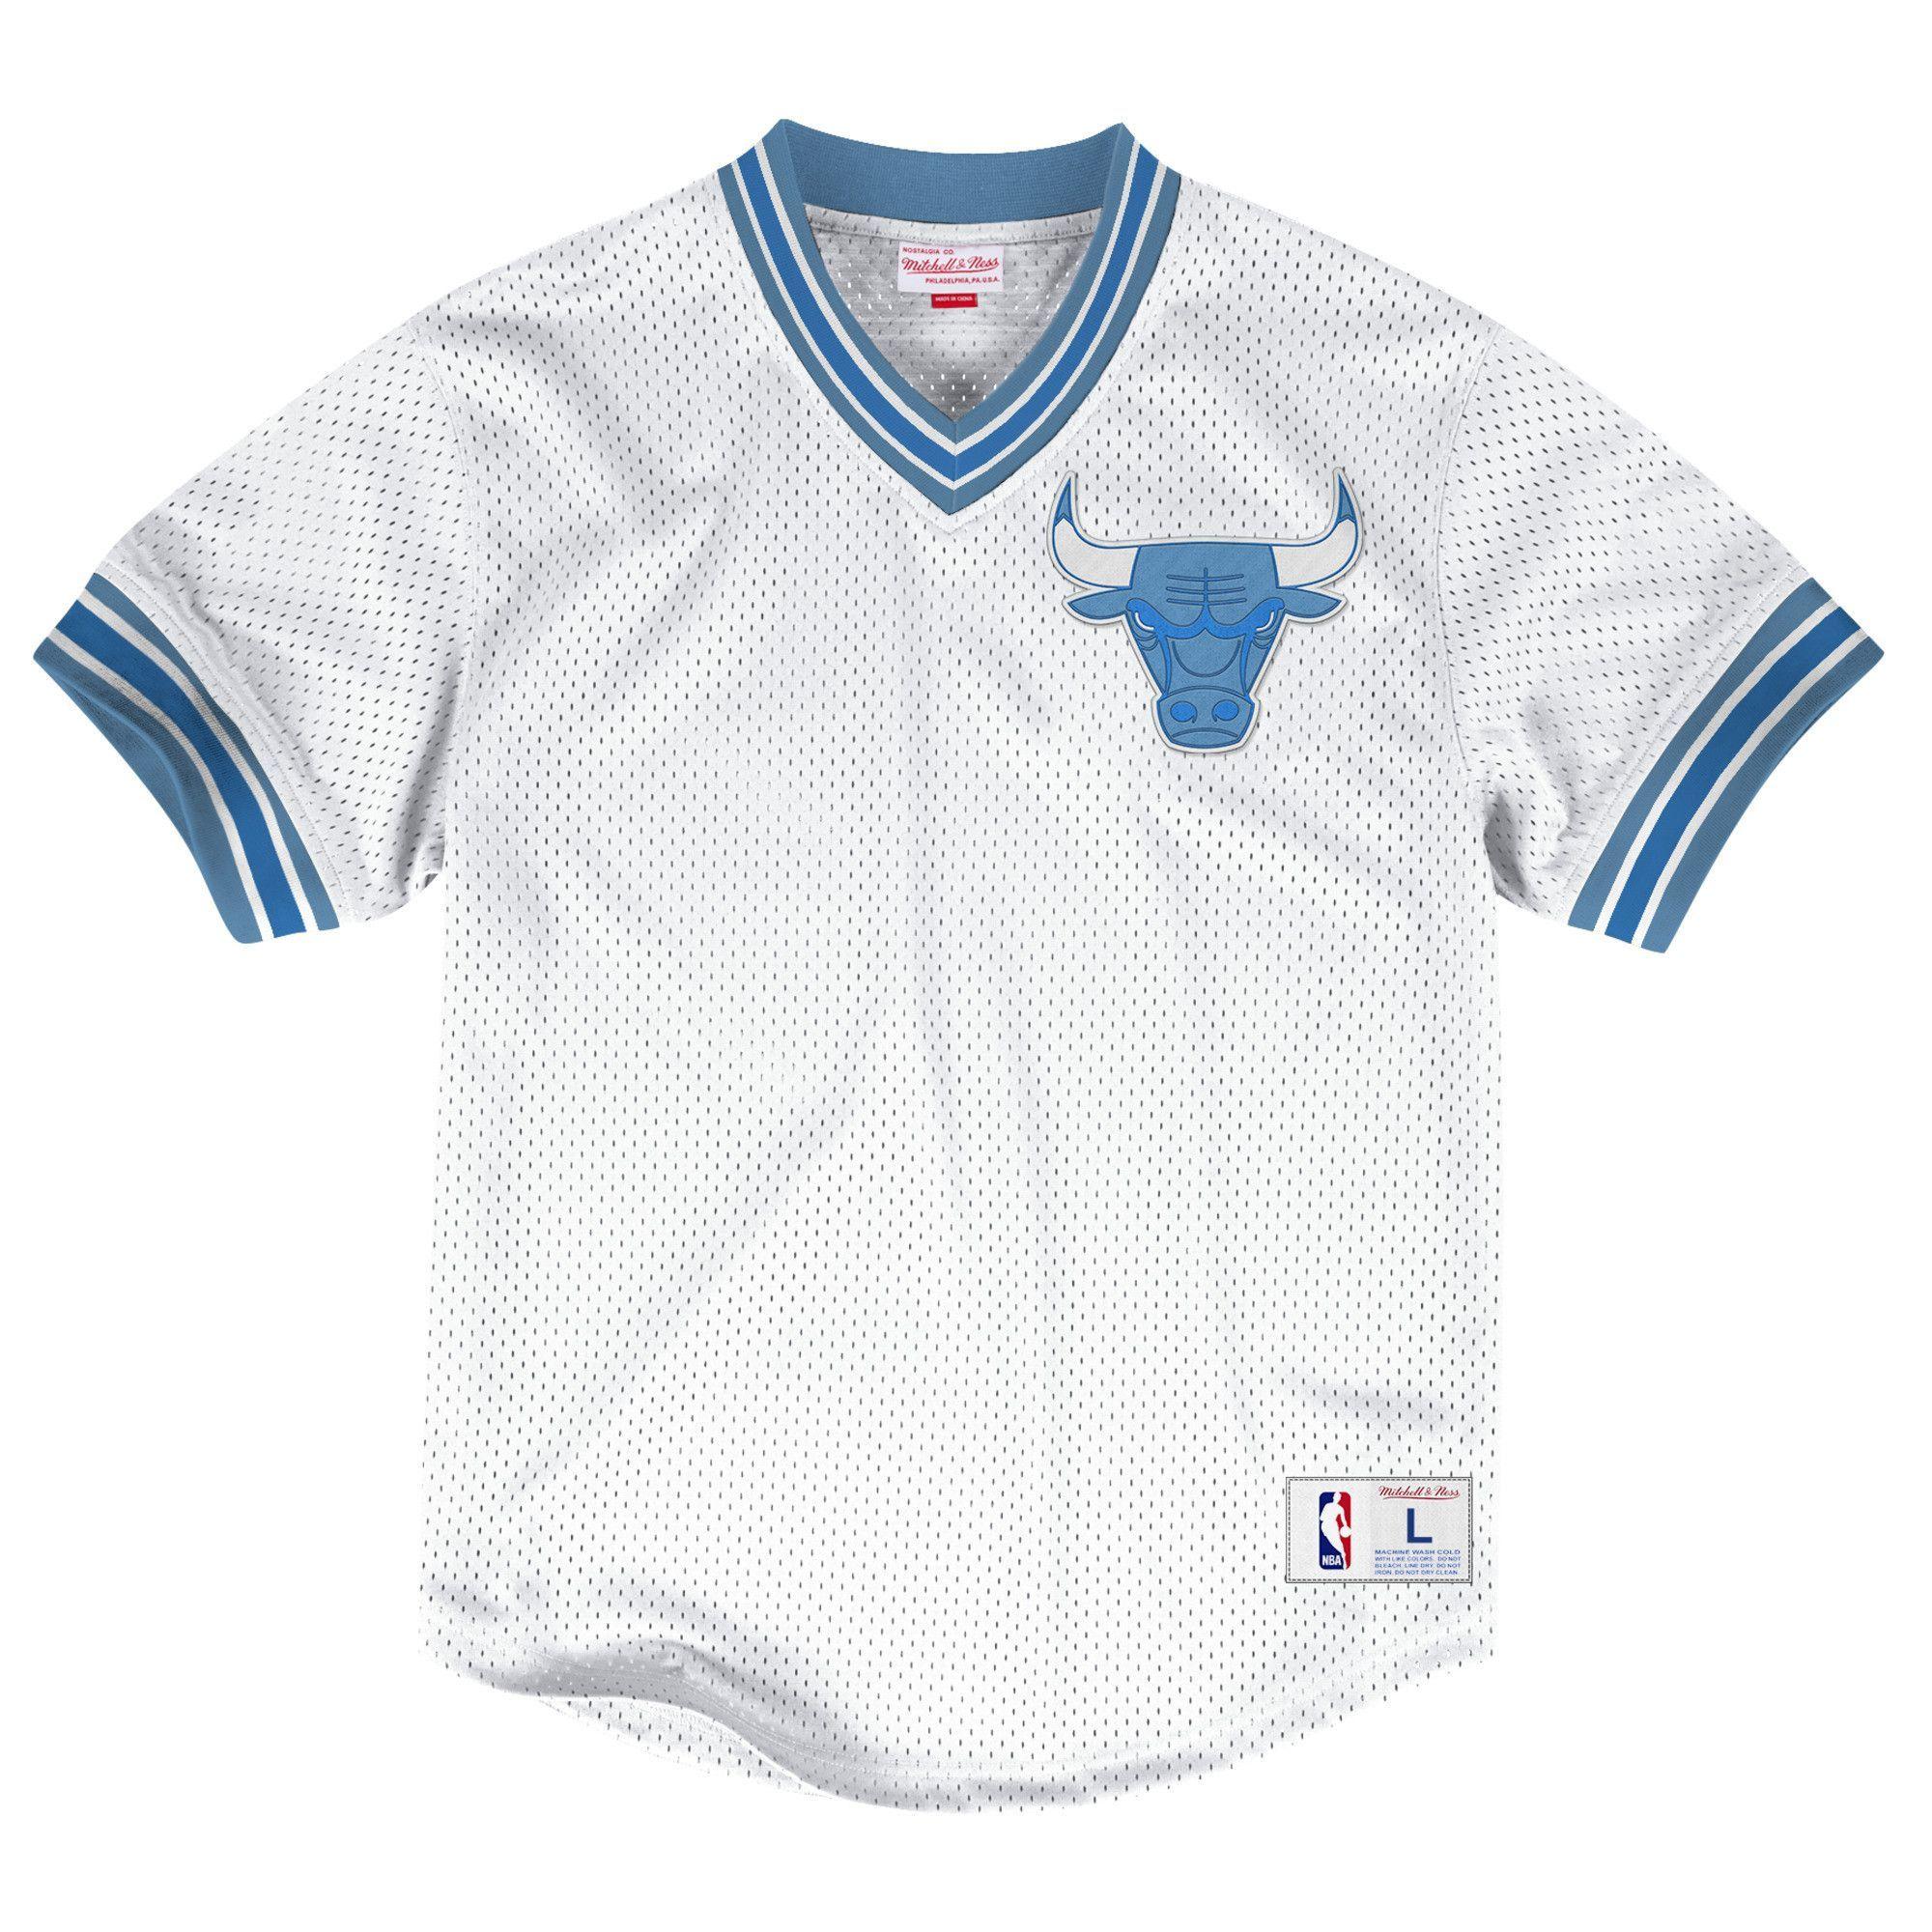 c4a6e20f MEN'S CHICAGO BULLS MITCHELL & NESS LIGHT BLUE/WHITE MESH V-NECK TOP ...